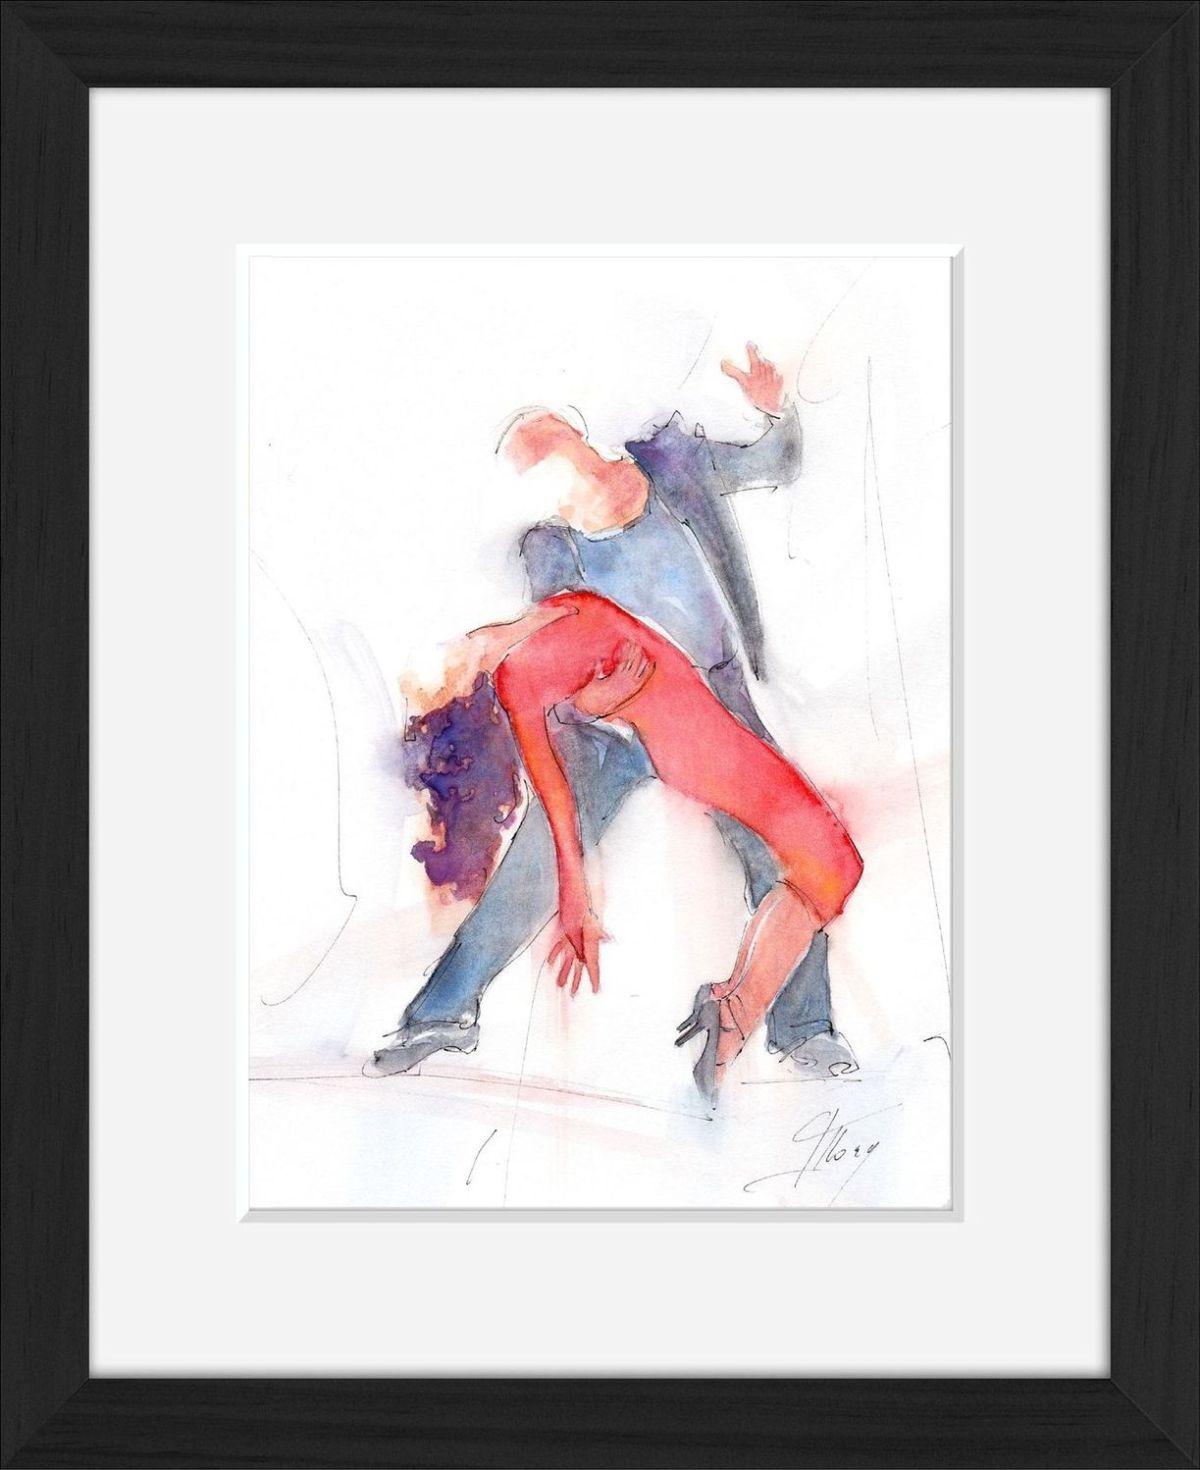 Peinture aquarelle danse tango : l'art en mouvement de Lucie LLONG